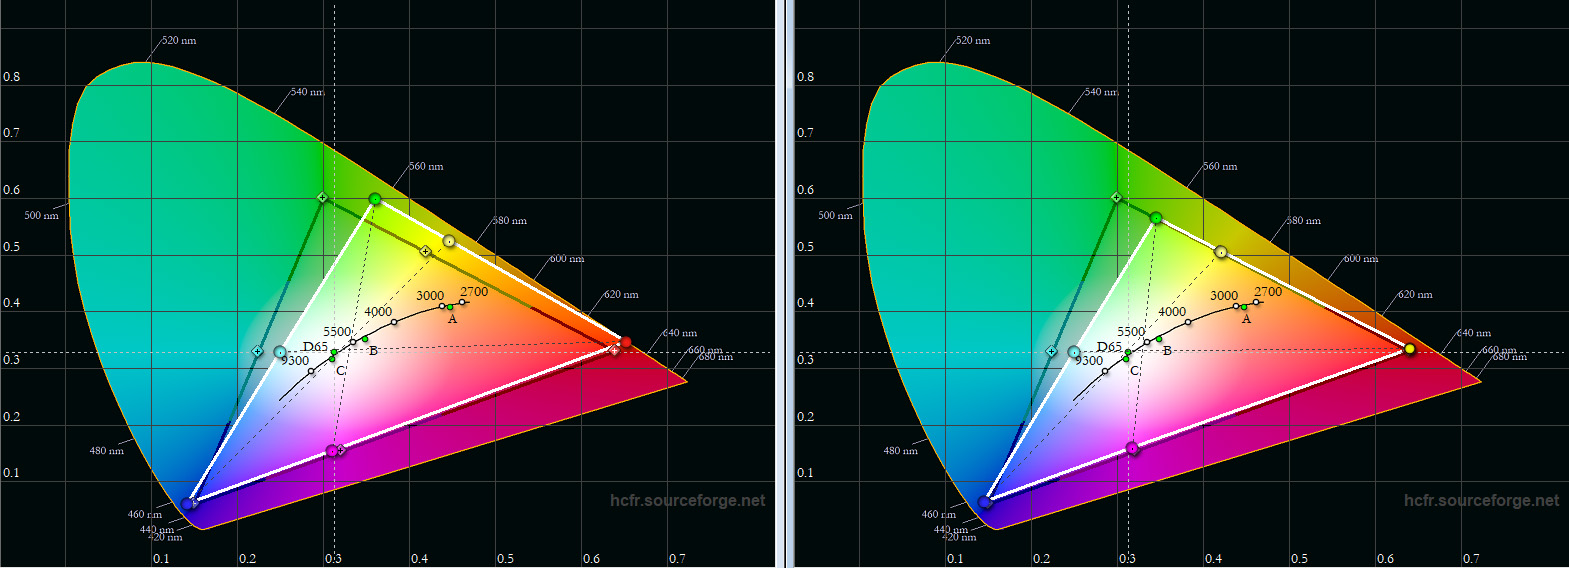 Farbraum: Das schwarze Dreieck zeigt die Sollwerte, das weiße Dreieck das Messergebnis. In der Werkseinstellung (Diagramm links) fällt auf den ersten Blick auf, dass Grün in Richtung Gelb verschoben ist. Das ist typisch für Projektoren, die auf Helligkeit getrimmt sind. Die Folge ist ein limettenfarbiges Grün. Cyan und Gelb verfehlen ihre Ziel-Koordinaten ebenfalls. Blau, Magenta und Rot kommen hingegen ihren Sollpunkte bereits nahe. Etwas besser sieht es nach der Kalibrierung (Diagramm rechts) aus. Bis auf Grün und Cyan treffen Rot, Magenta, Blau und Gelb ihre Zielkoordinaten fast punktgenau.